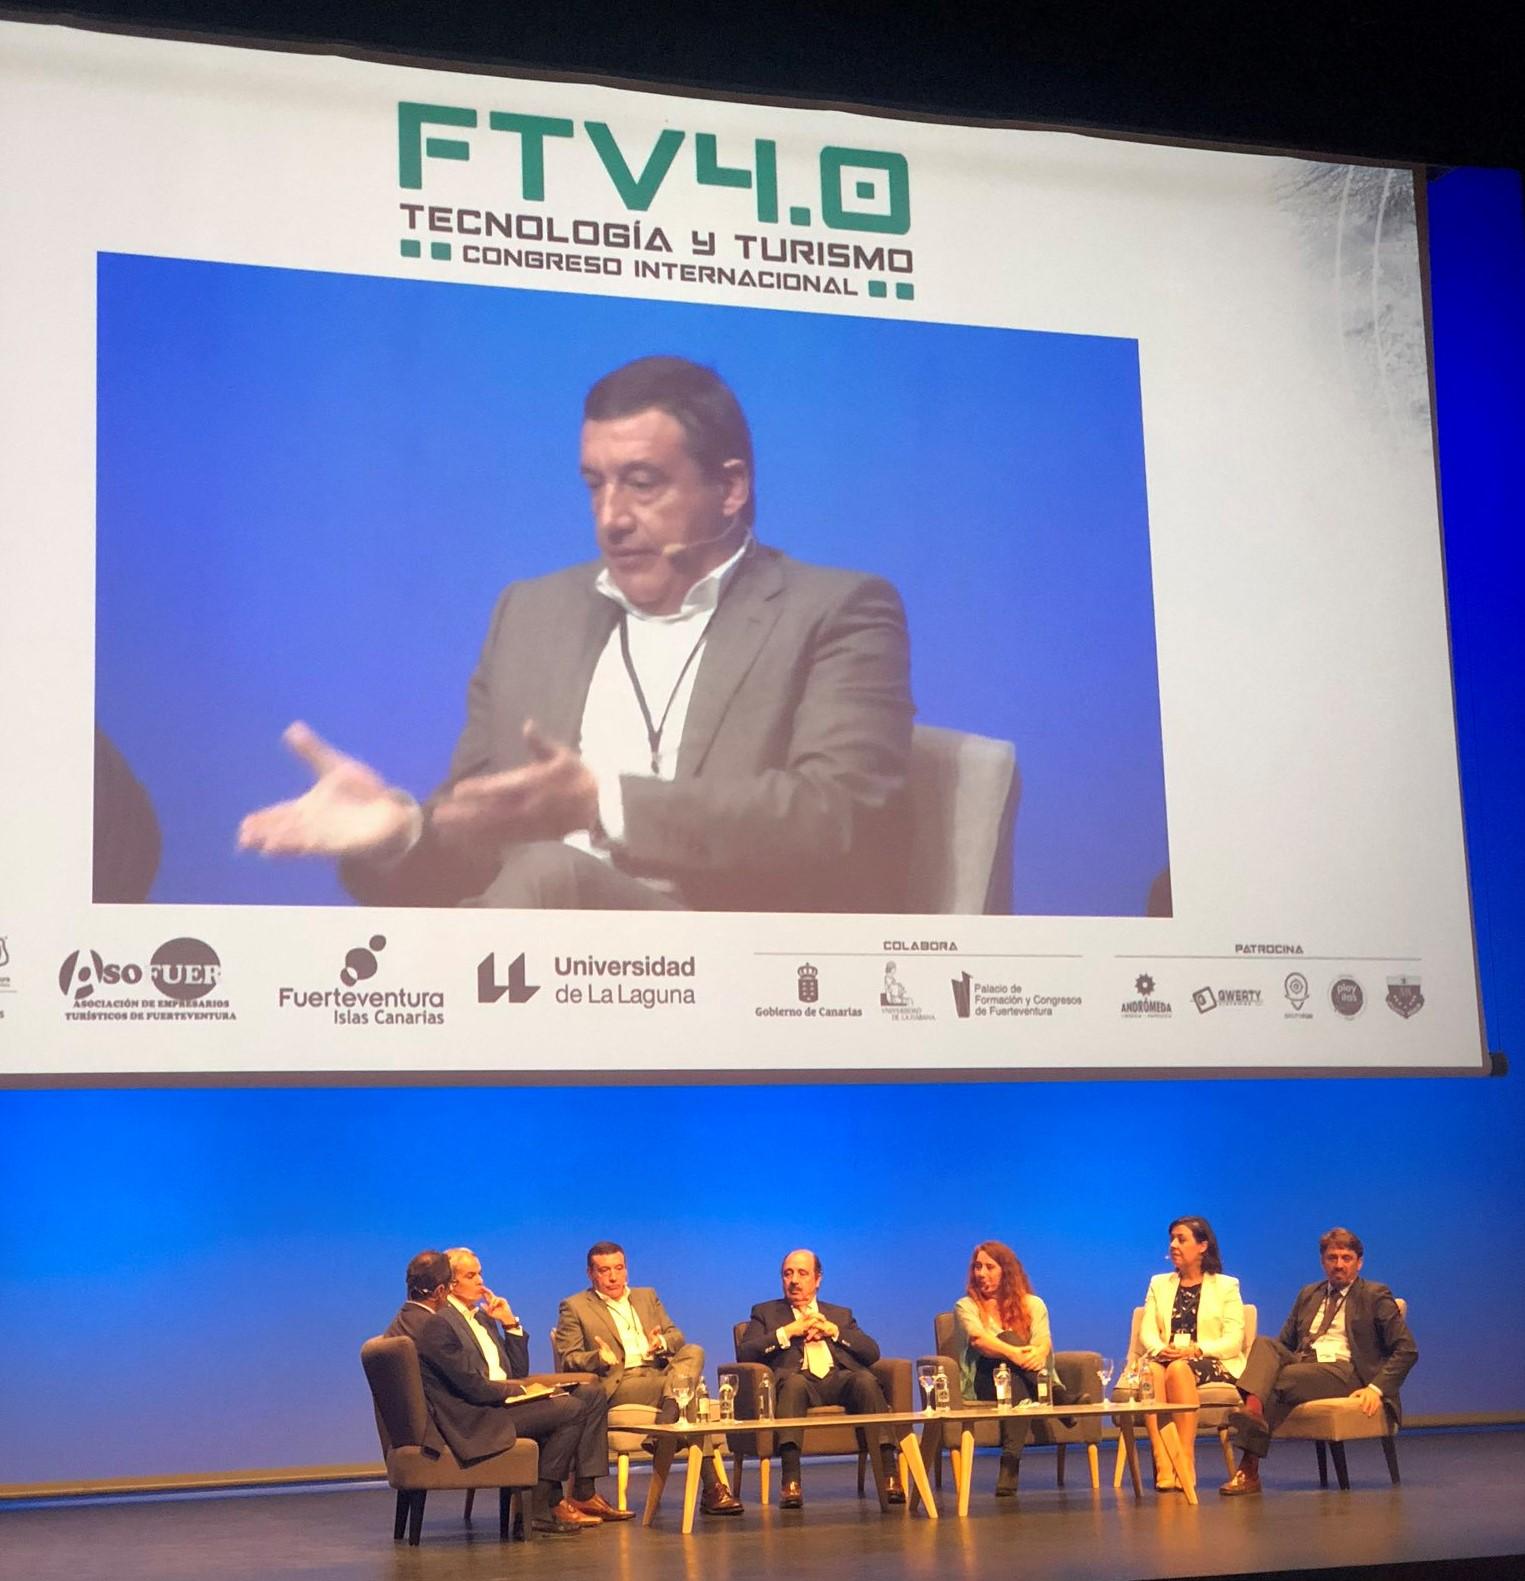 FTV 4.0 aborda la tecnología como factor de sostenibilidad